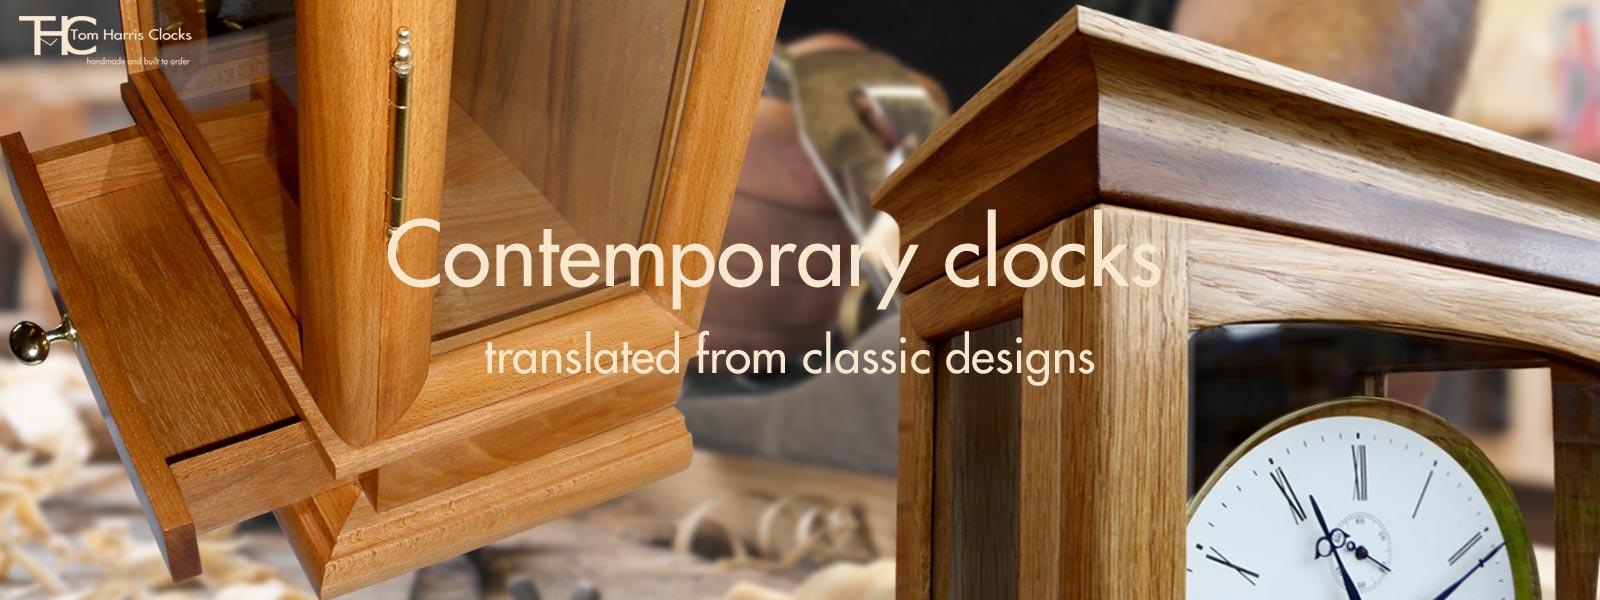 tom harris clocks contemporary clocks